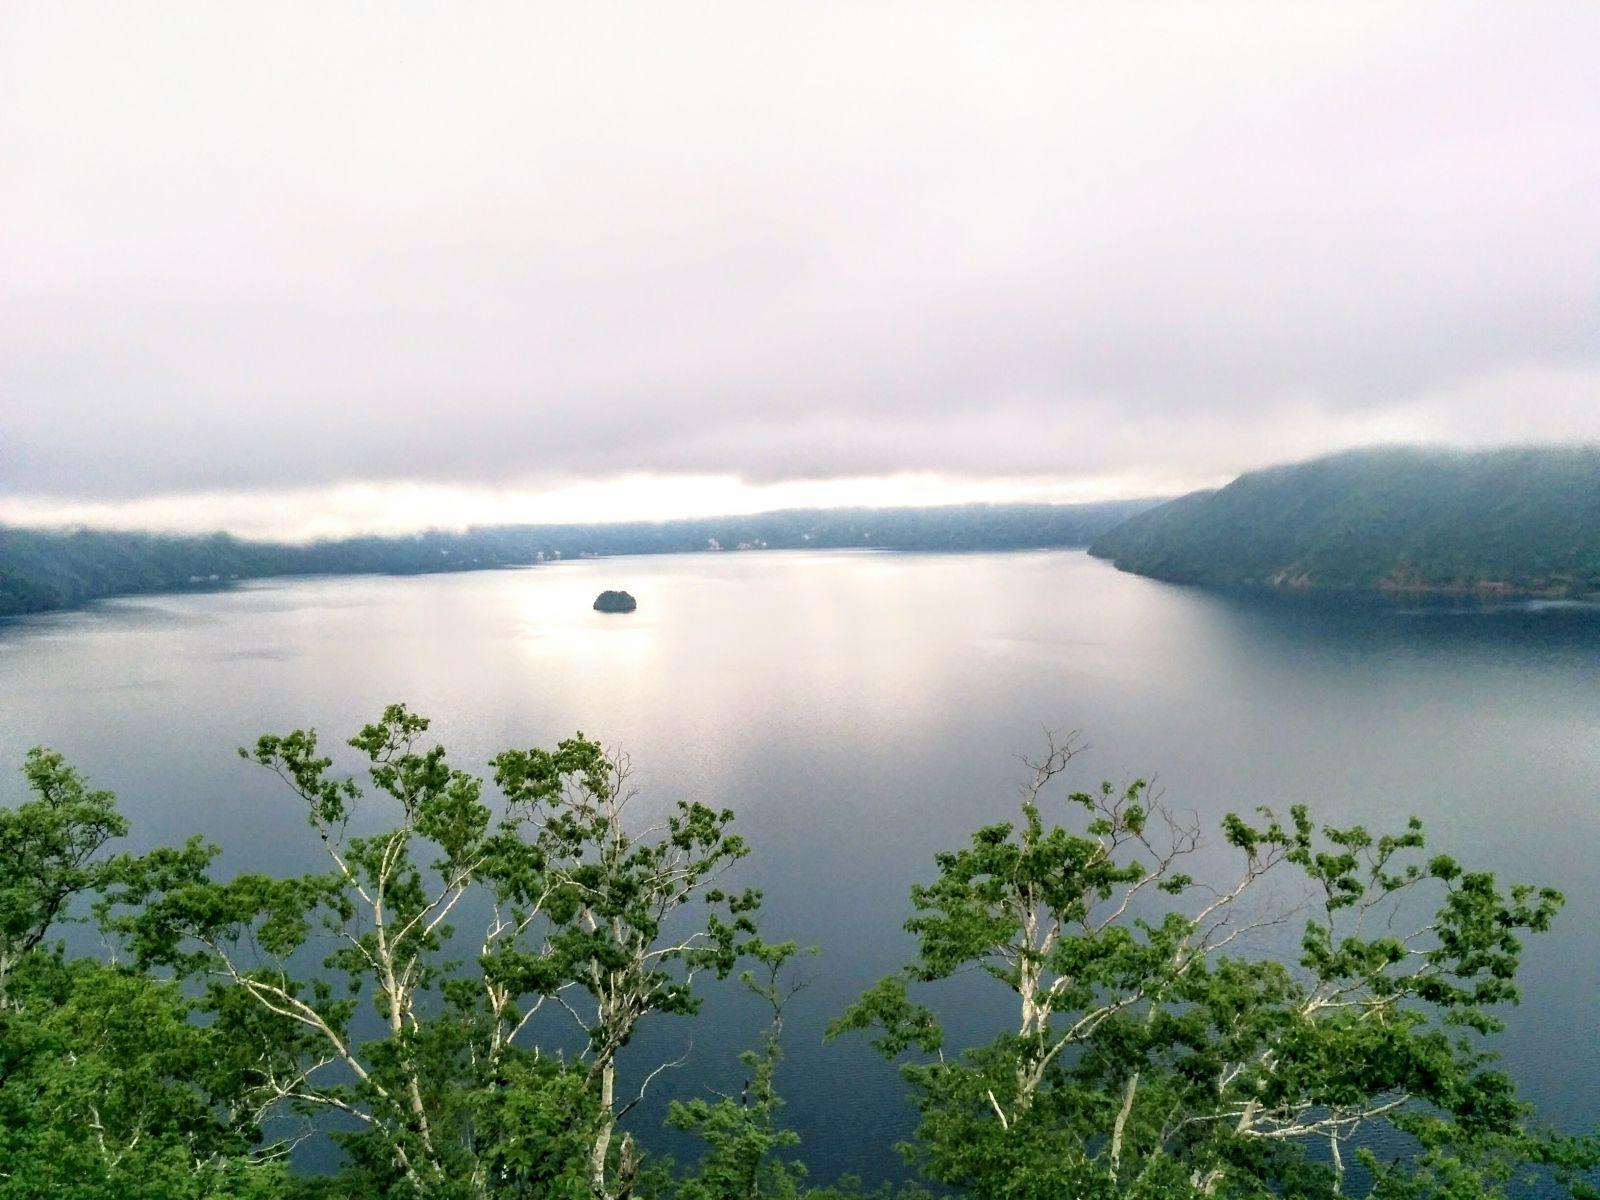 【道東・摩周湖】道東・摩周湖観光案内です。